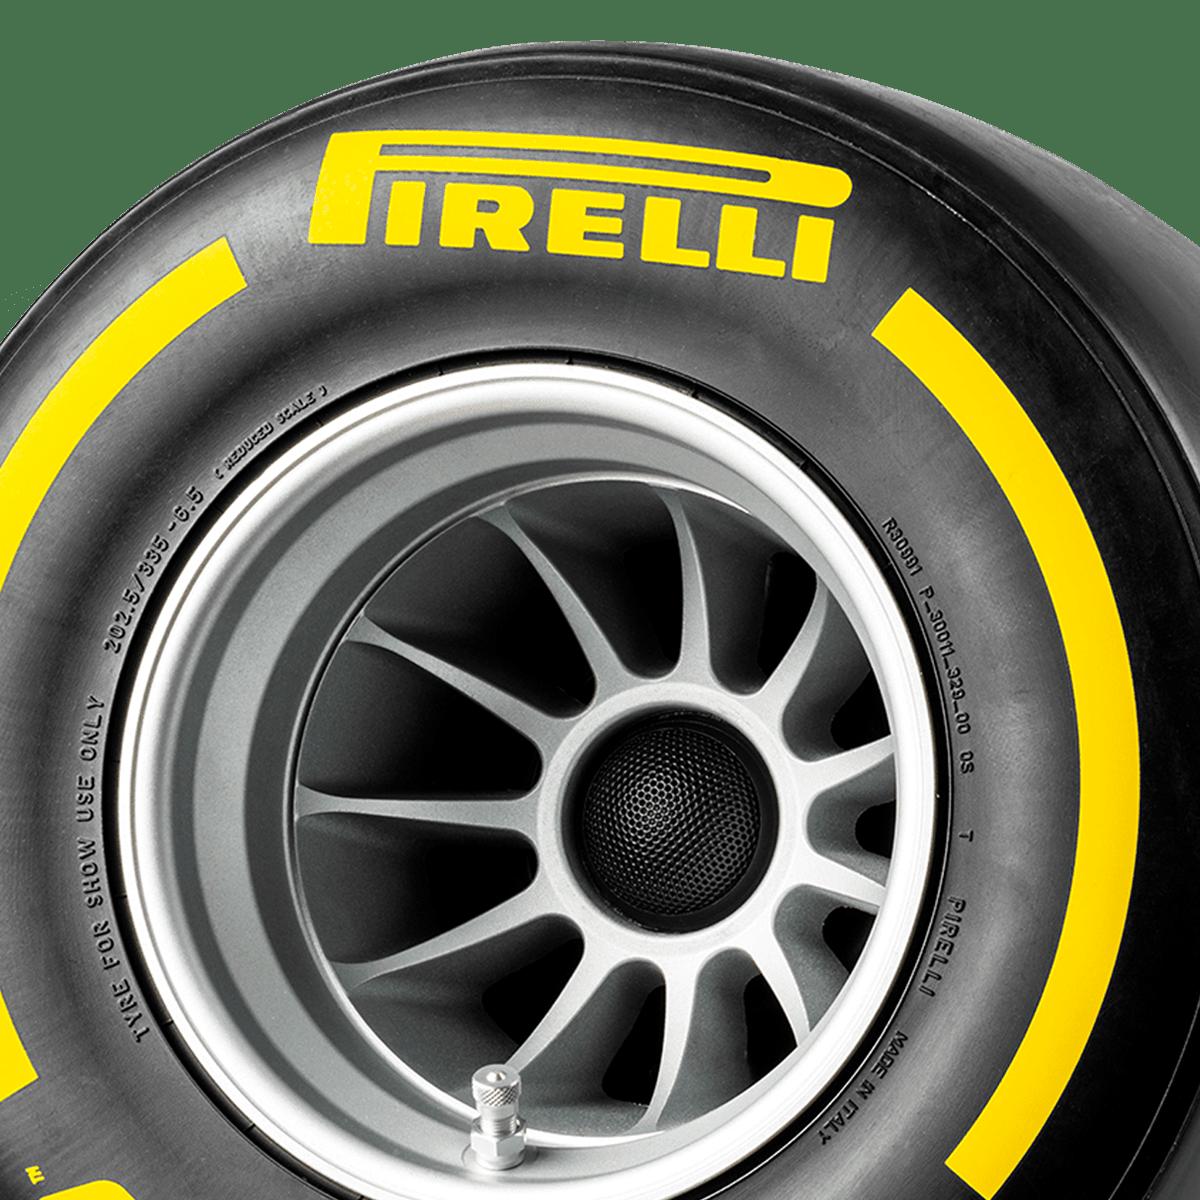 Pirelli P ZERO™ hi-fi di lusso colore giallo